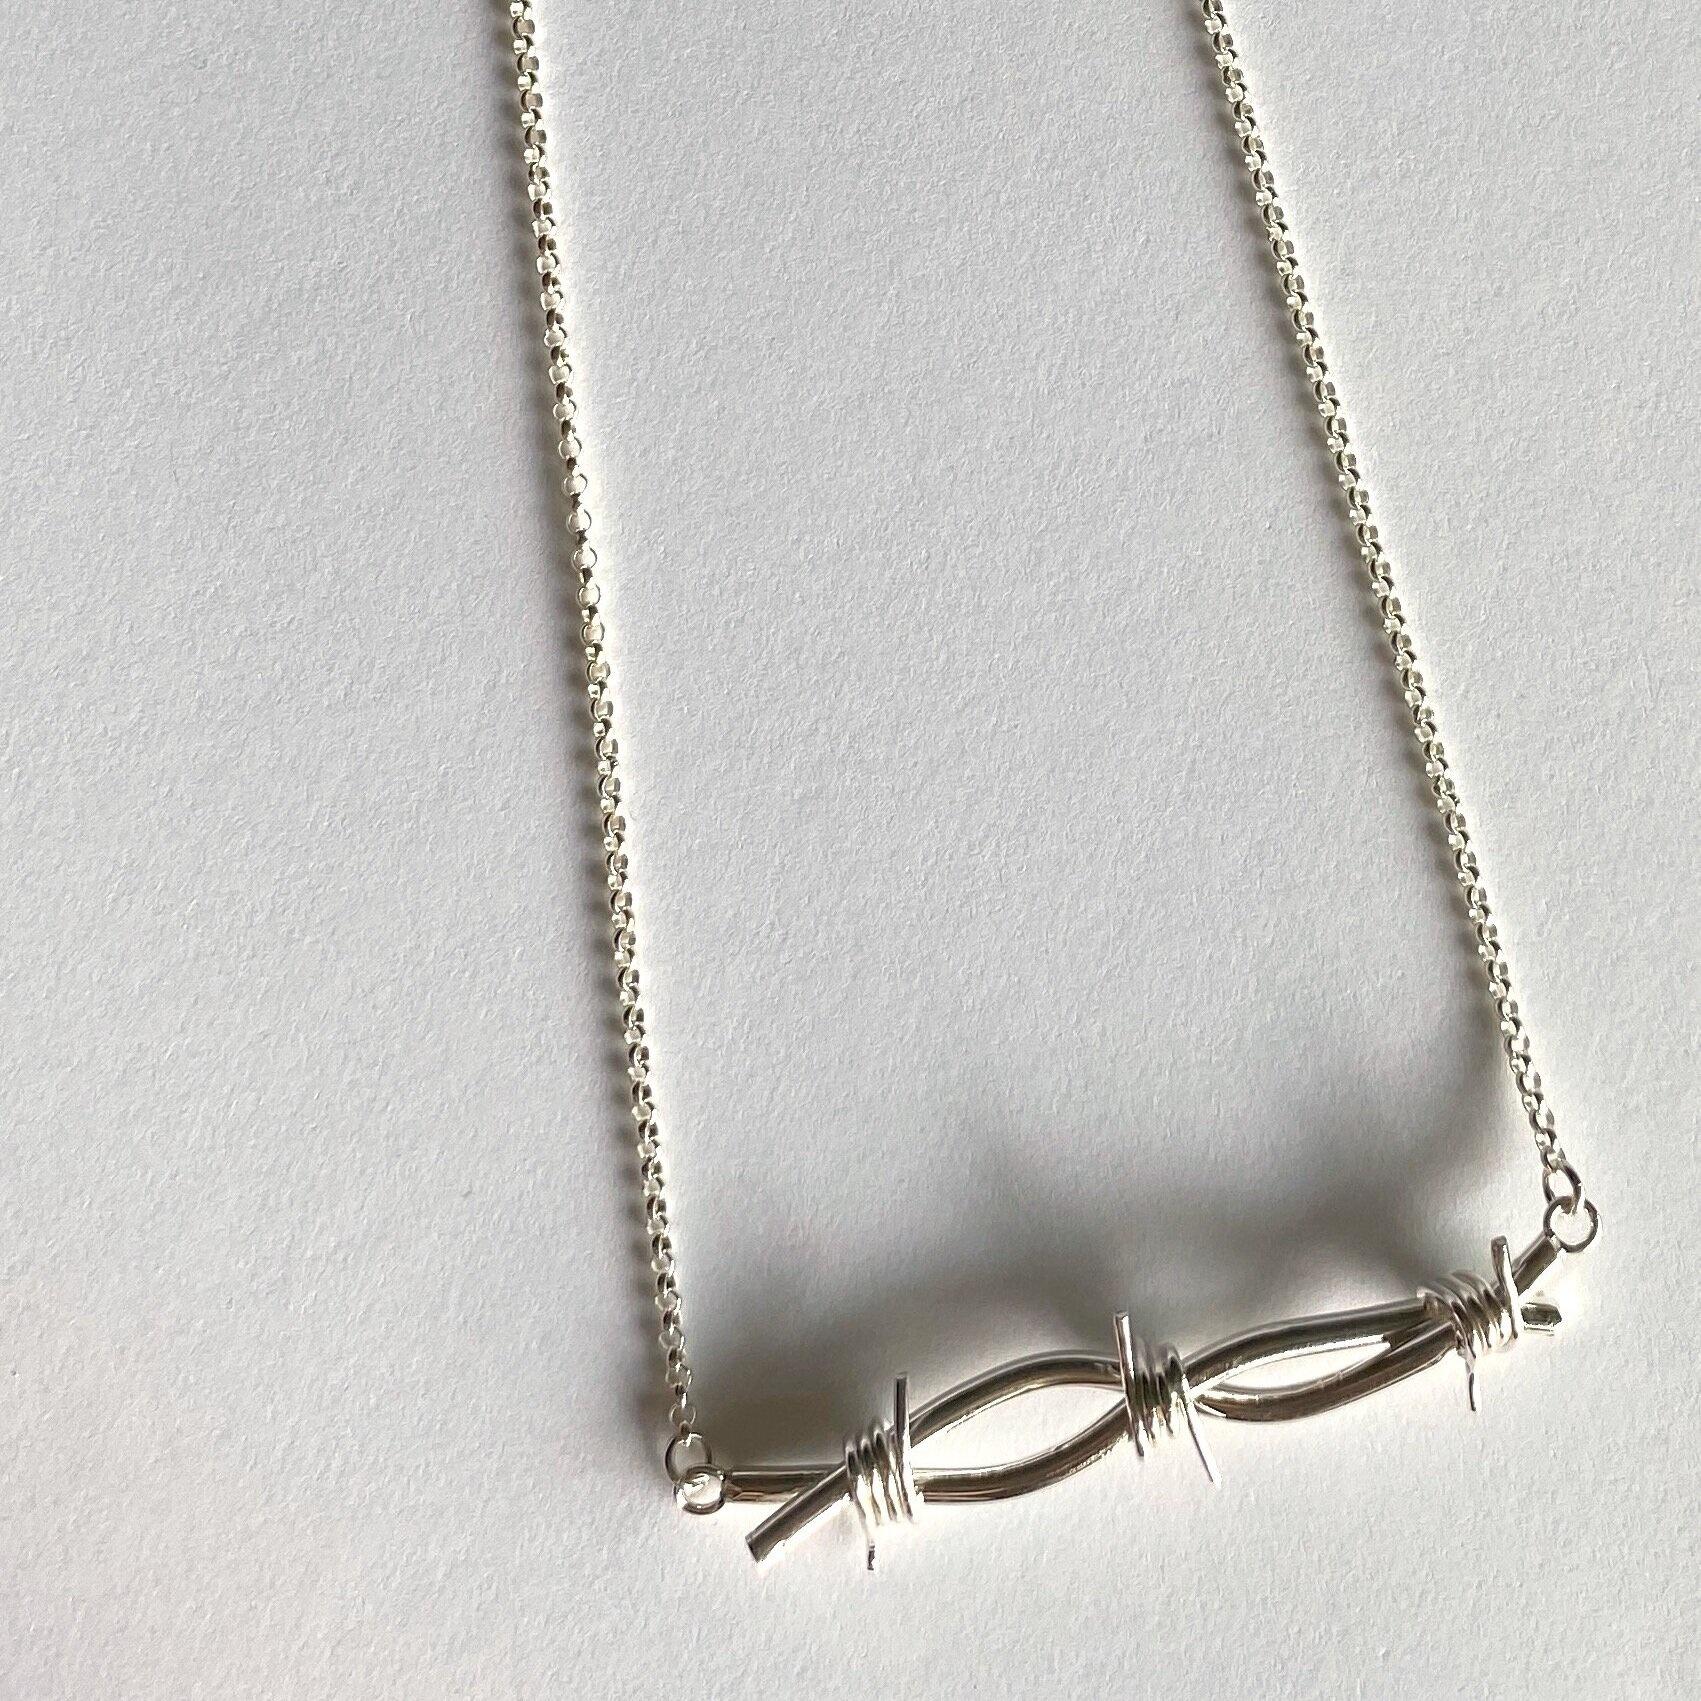 Chertova Barbed Wire Necklace